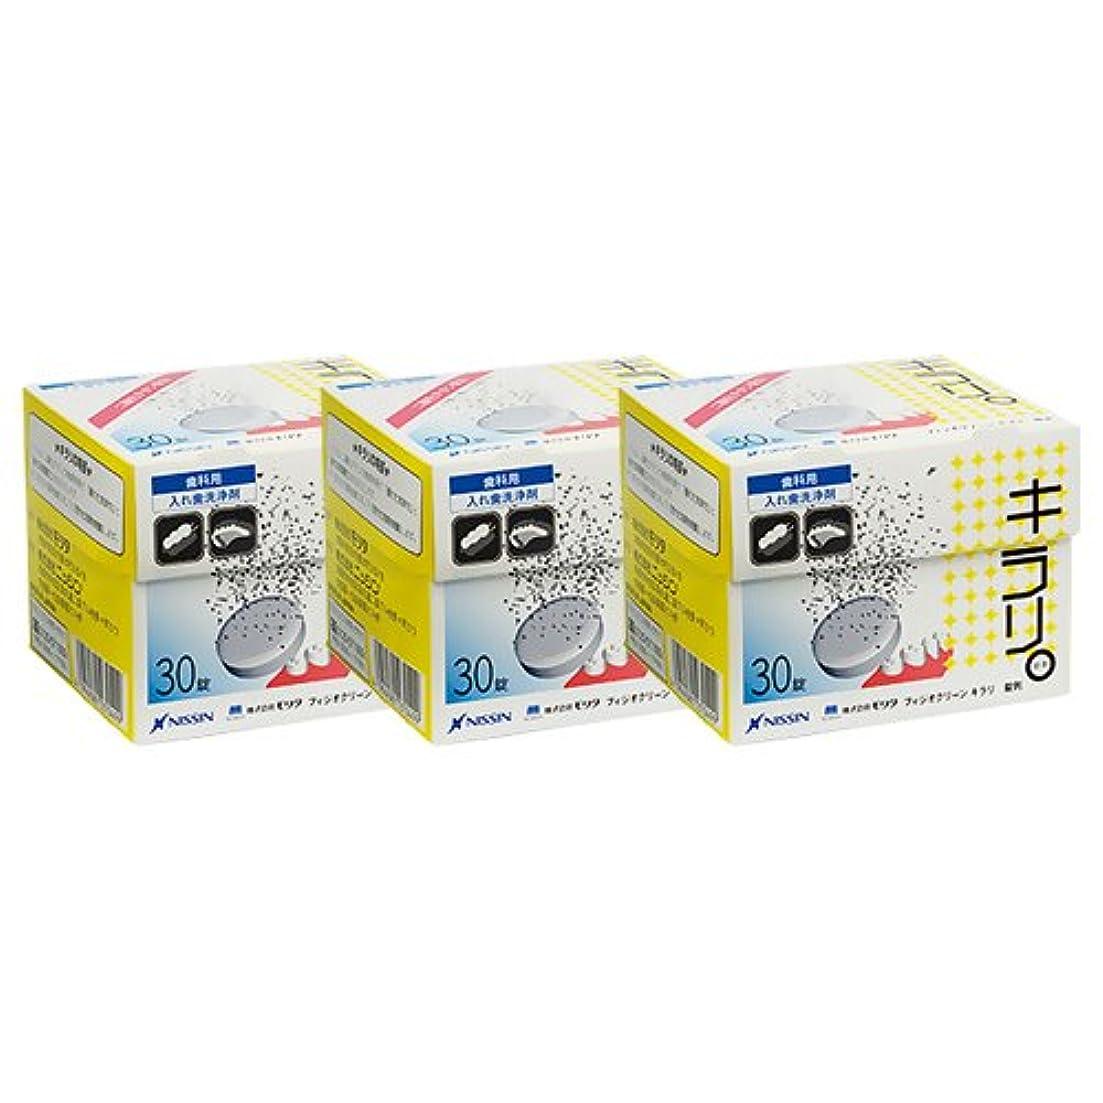 マスタード繕うマットニッシン フィジオクリーン キラリ錠剤 30錠入×3箱